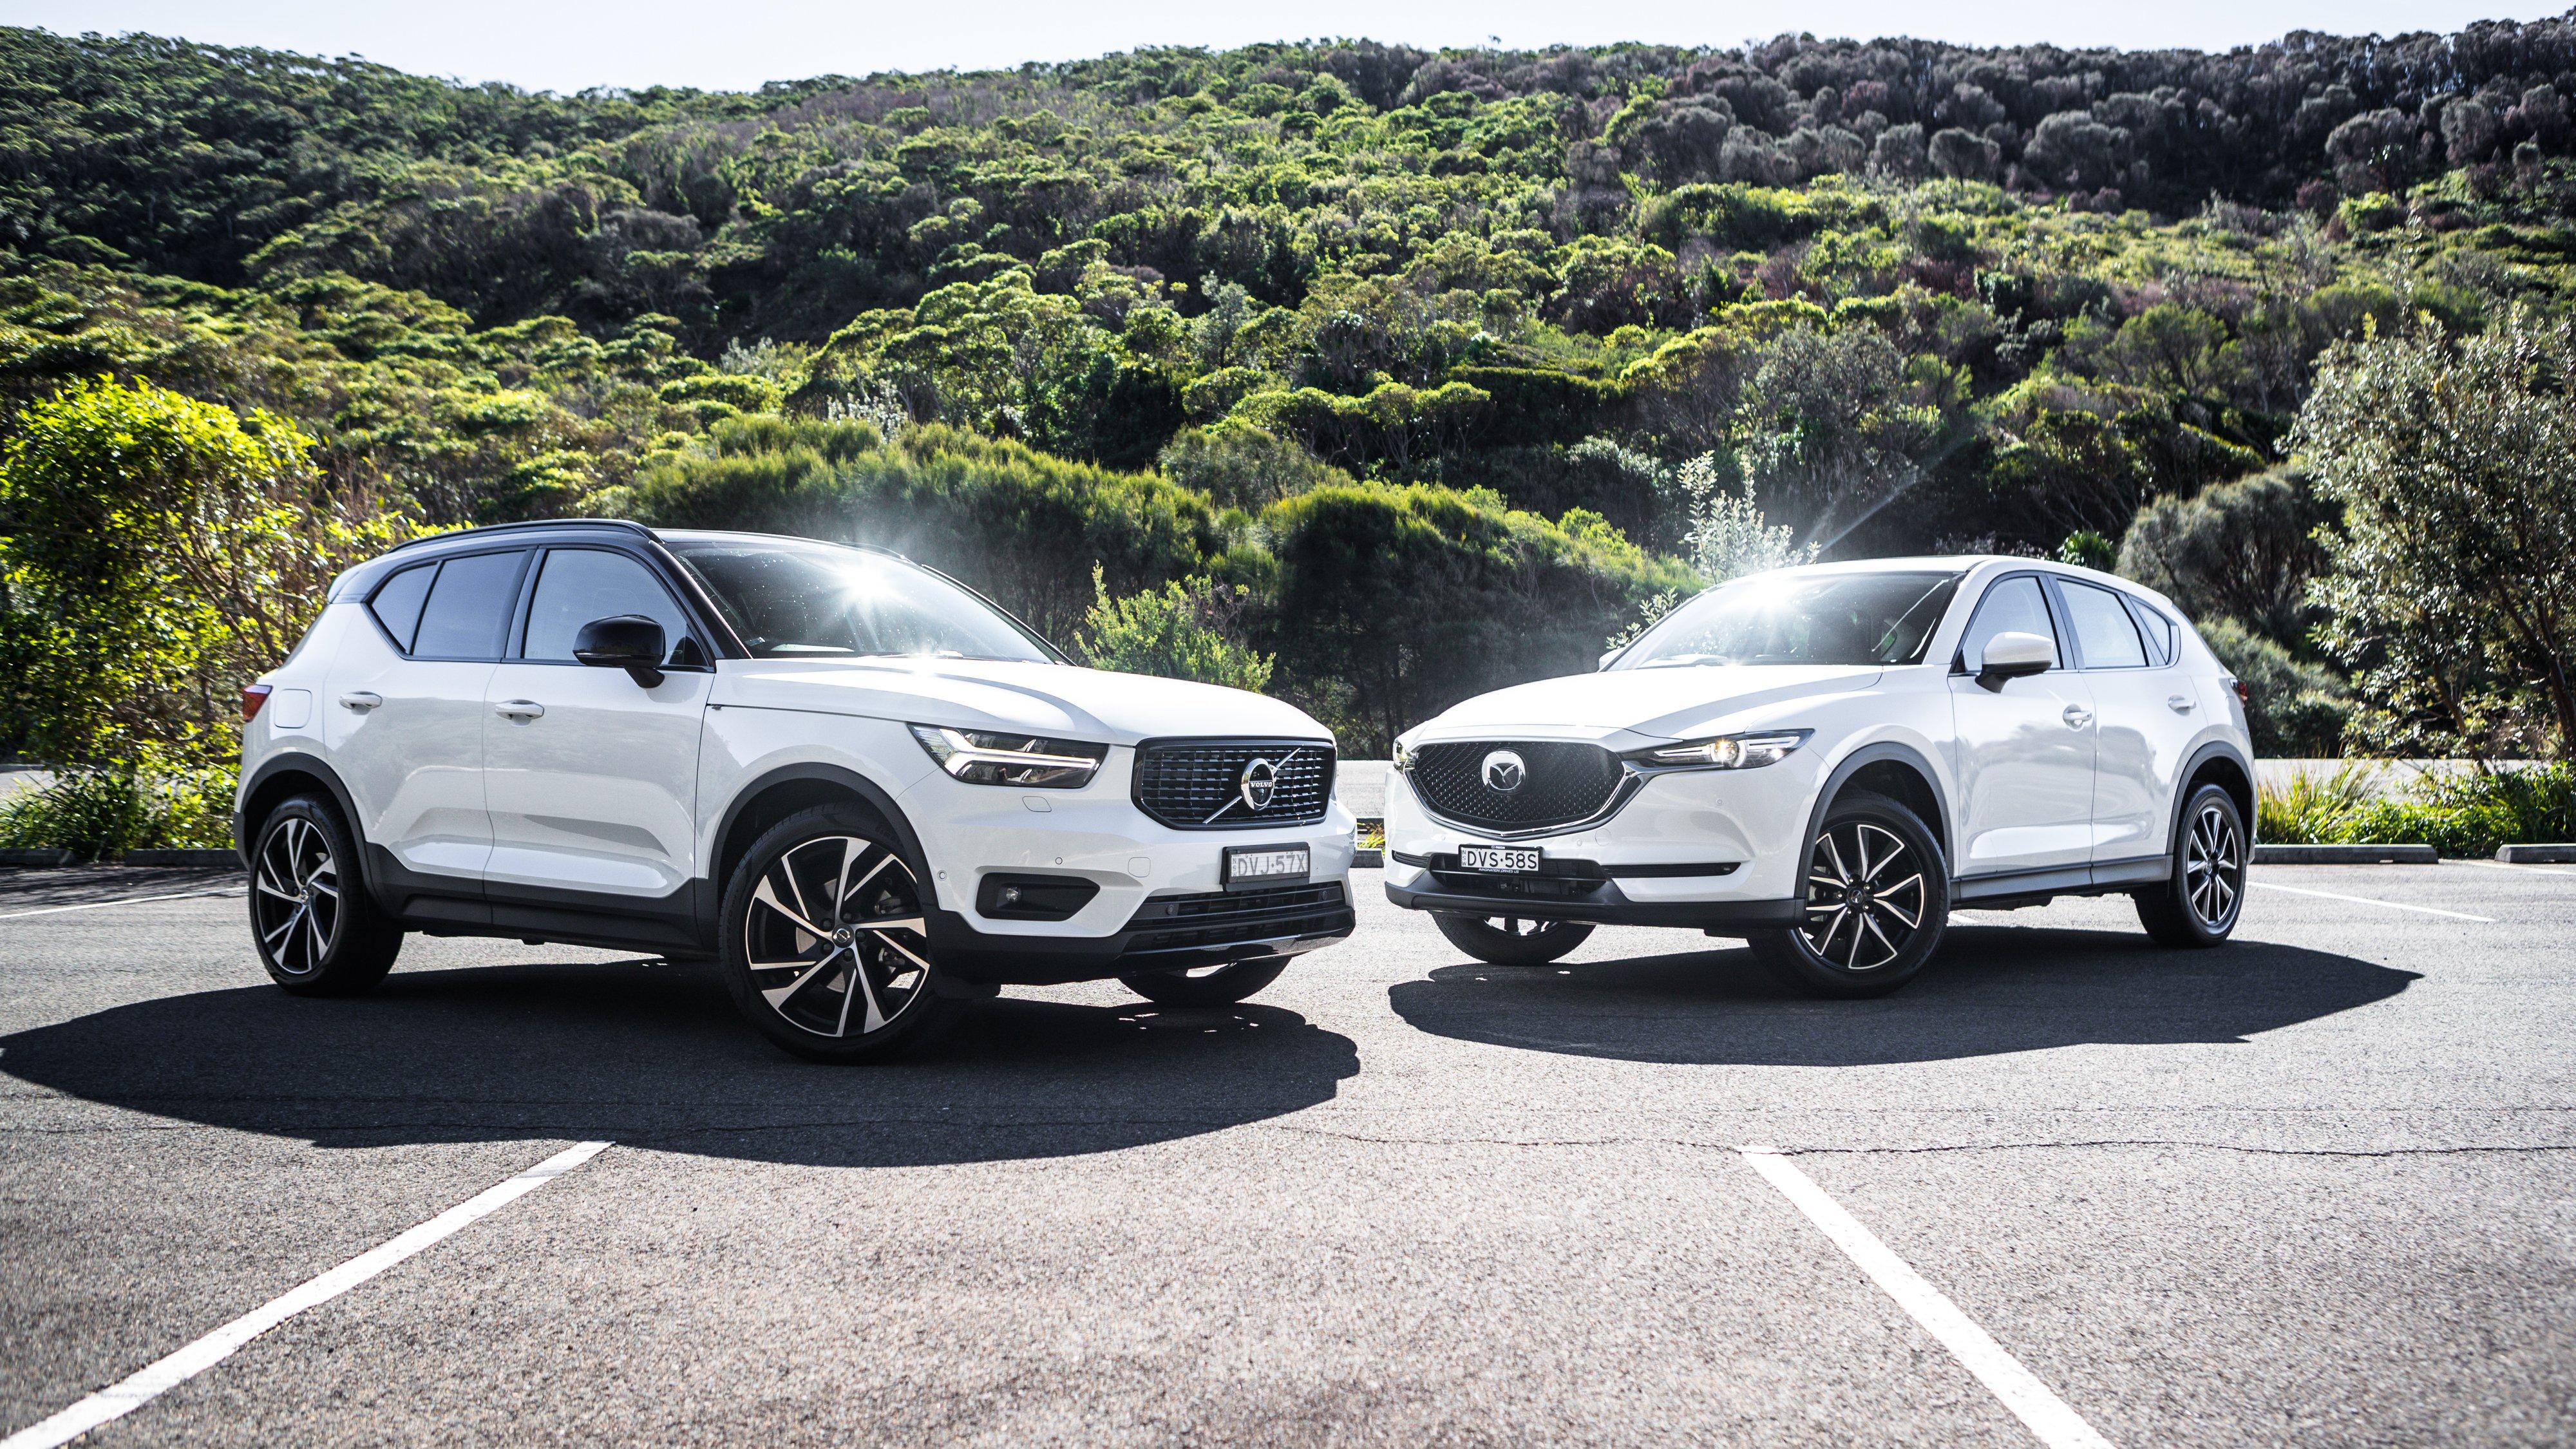 2018 Mazda CX-5 v Volvo XC40 comparison | CarAdvice